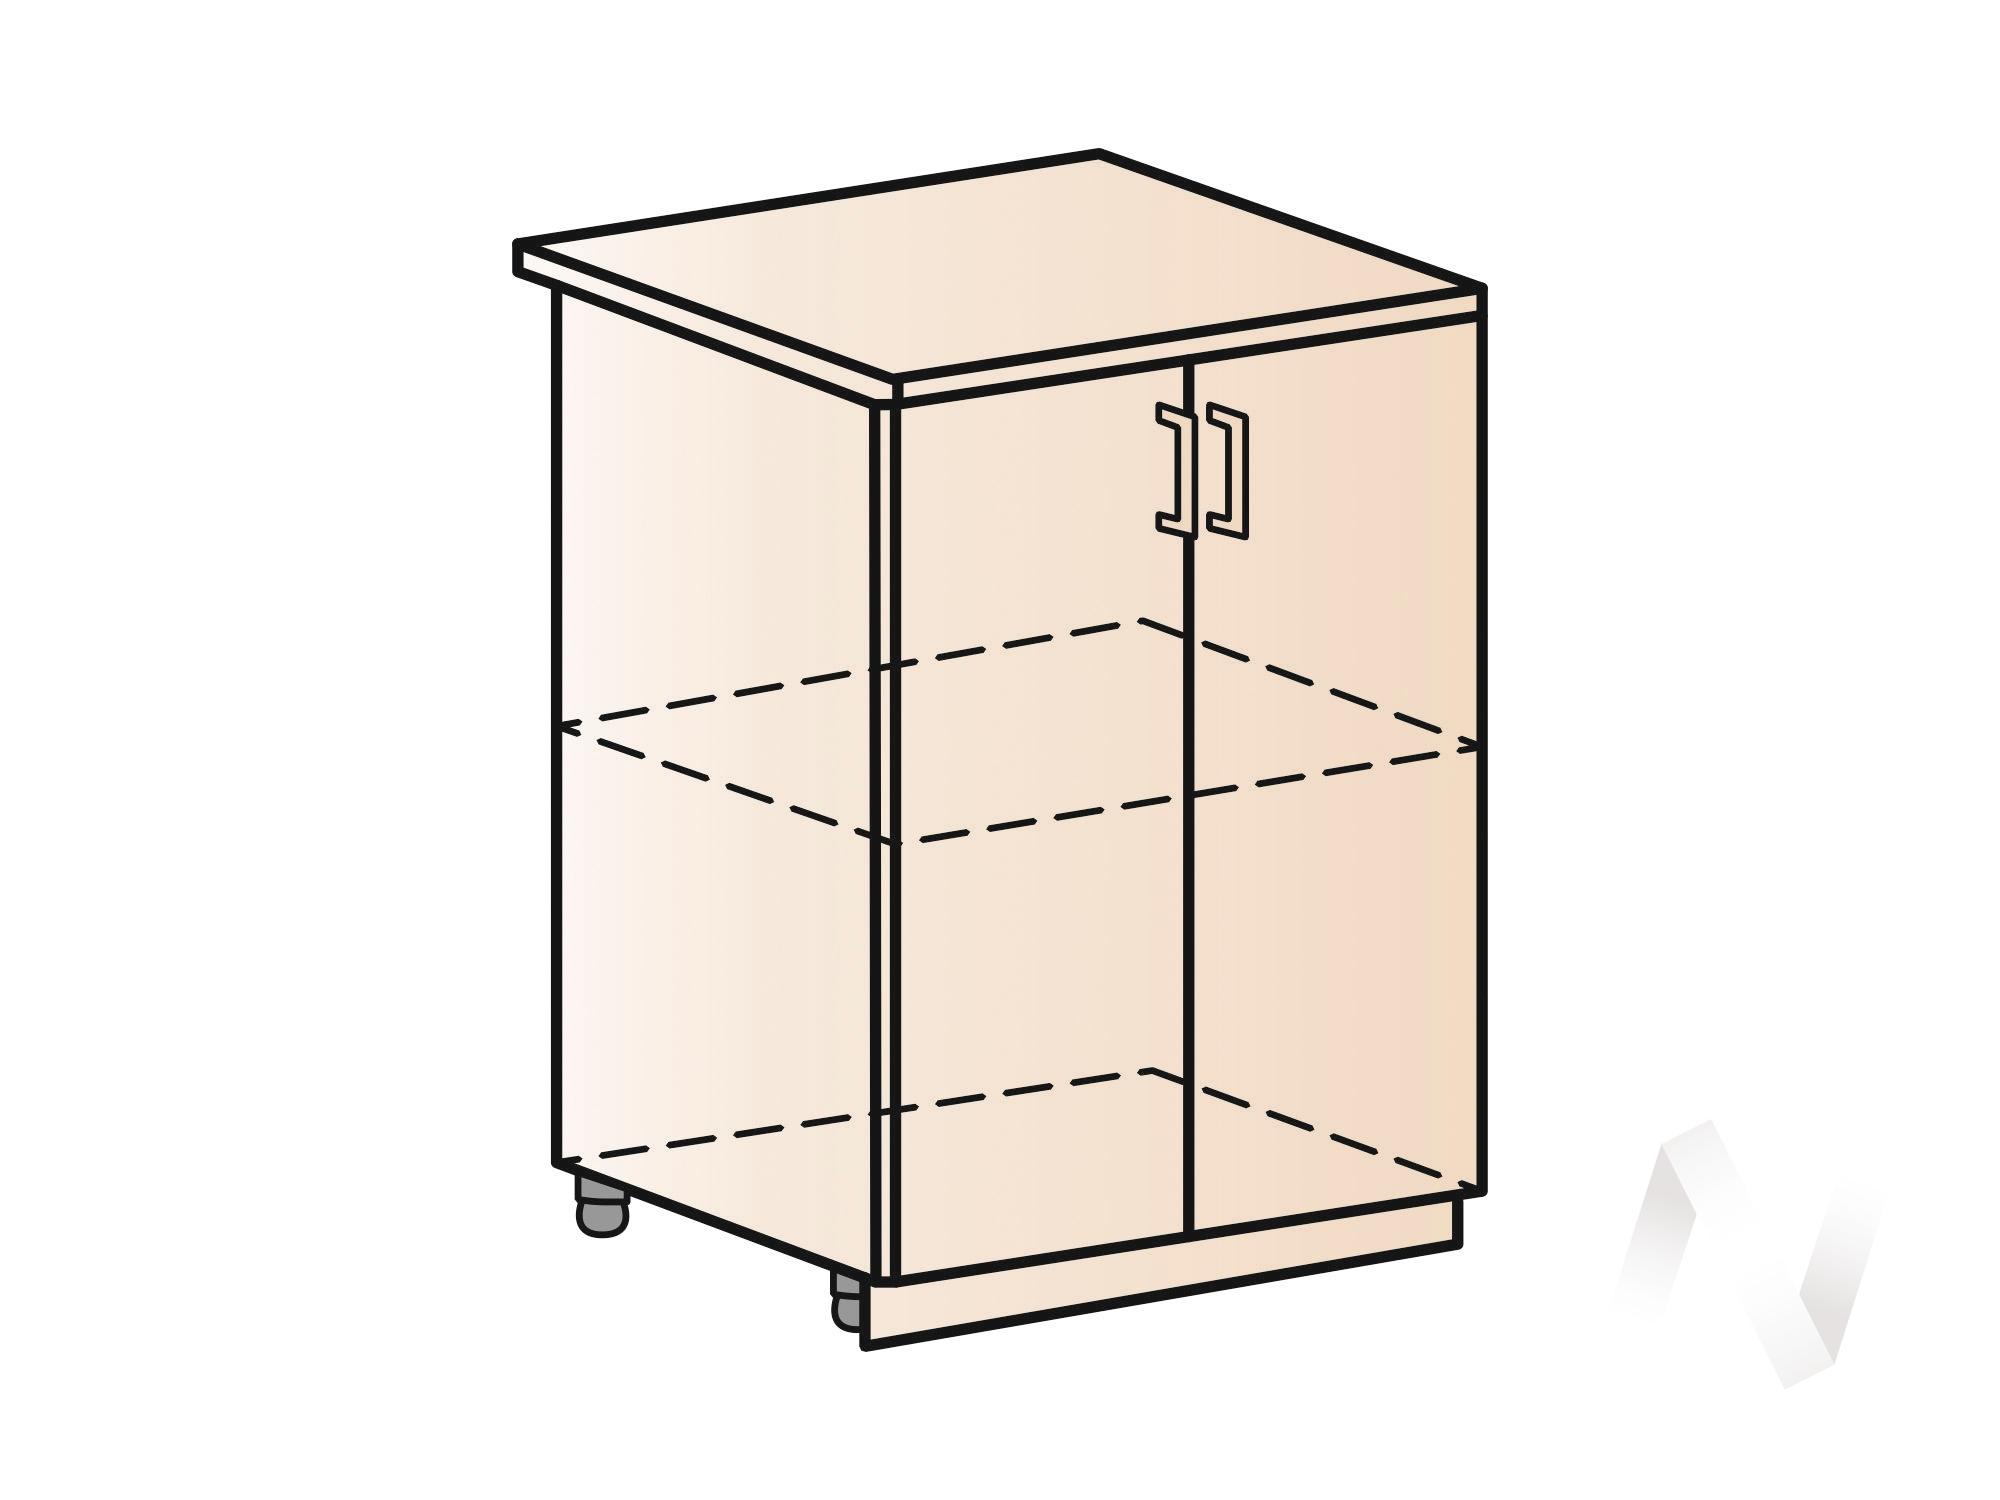 """Кухня """"Вена"""": Шкаф нижний 600, ШН 600 (корпус белый) в Новосибирске в интернет-магазине мебели kuhnya54.ru"""